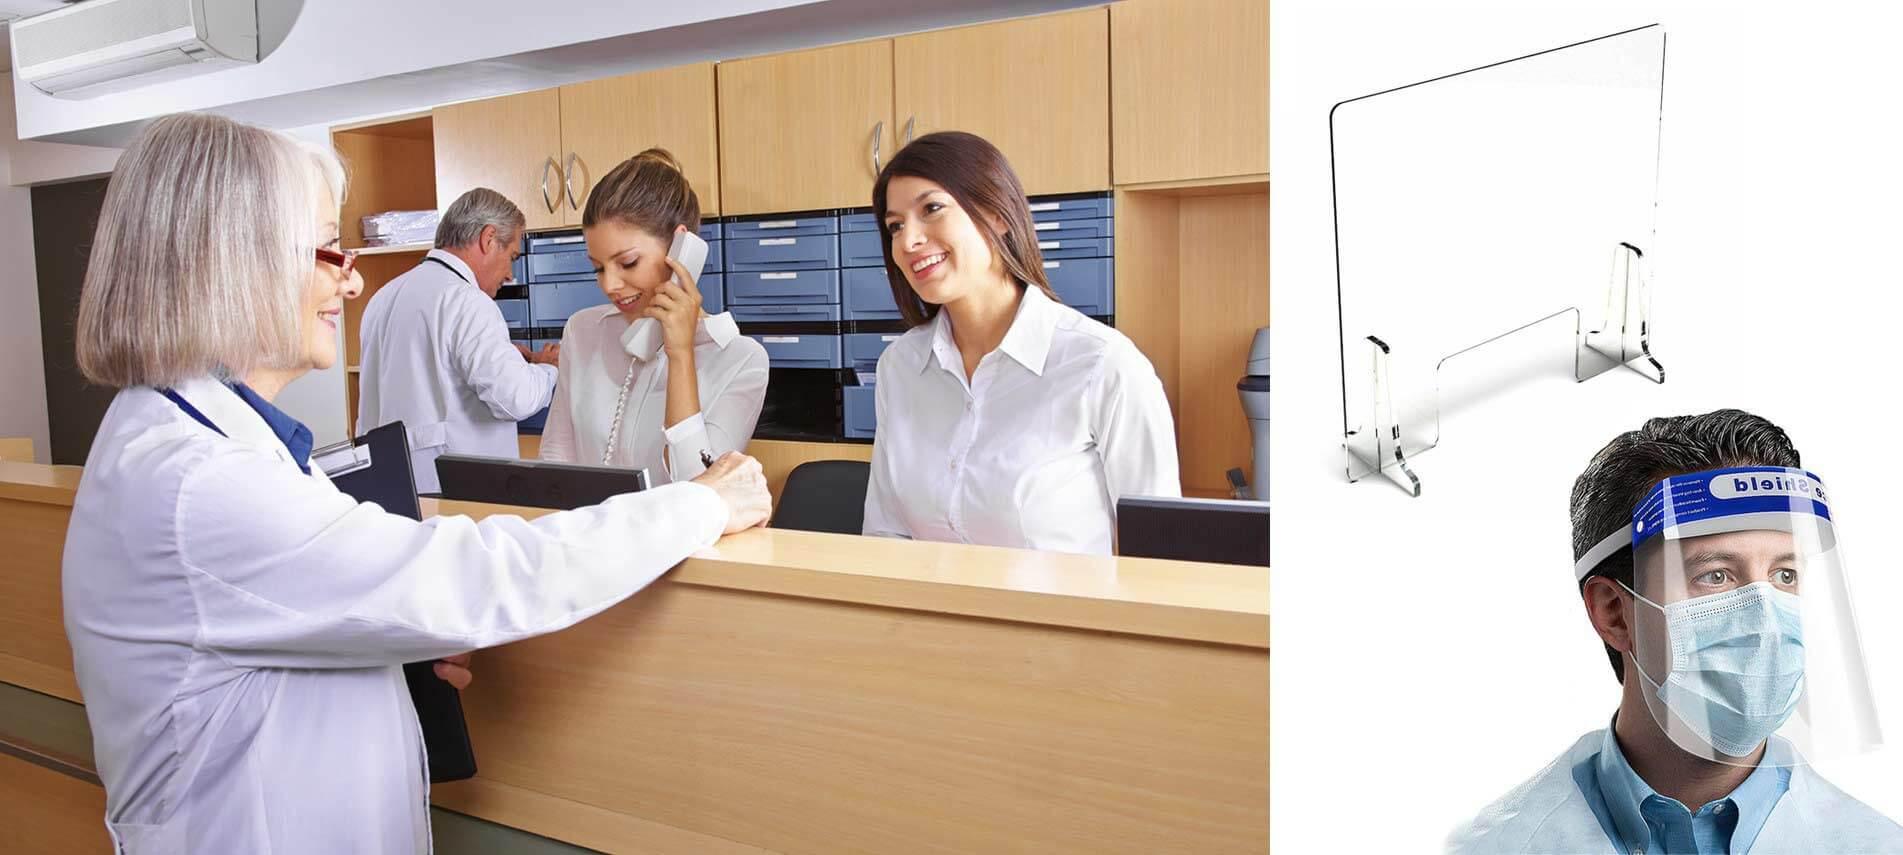 Protection en plexiglas, visière de protection, cloison de protection : Protégez vos salariés